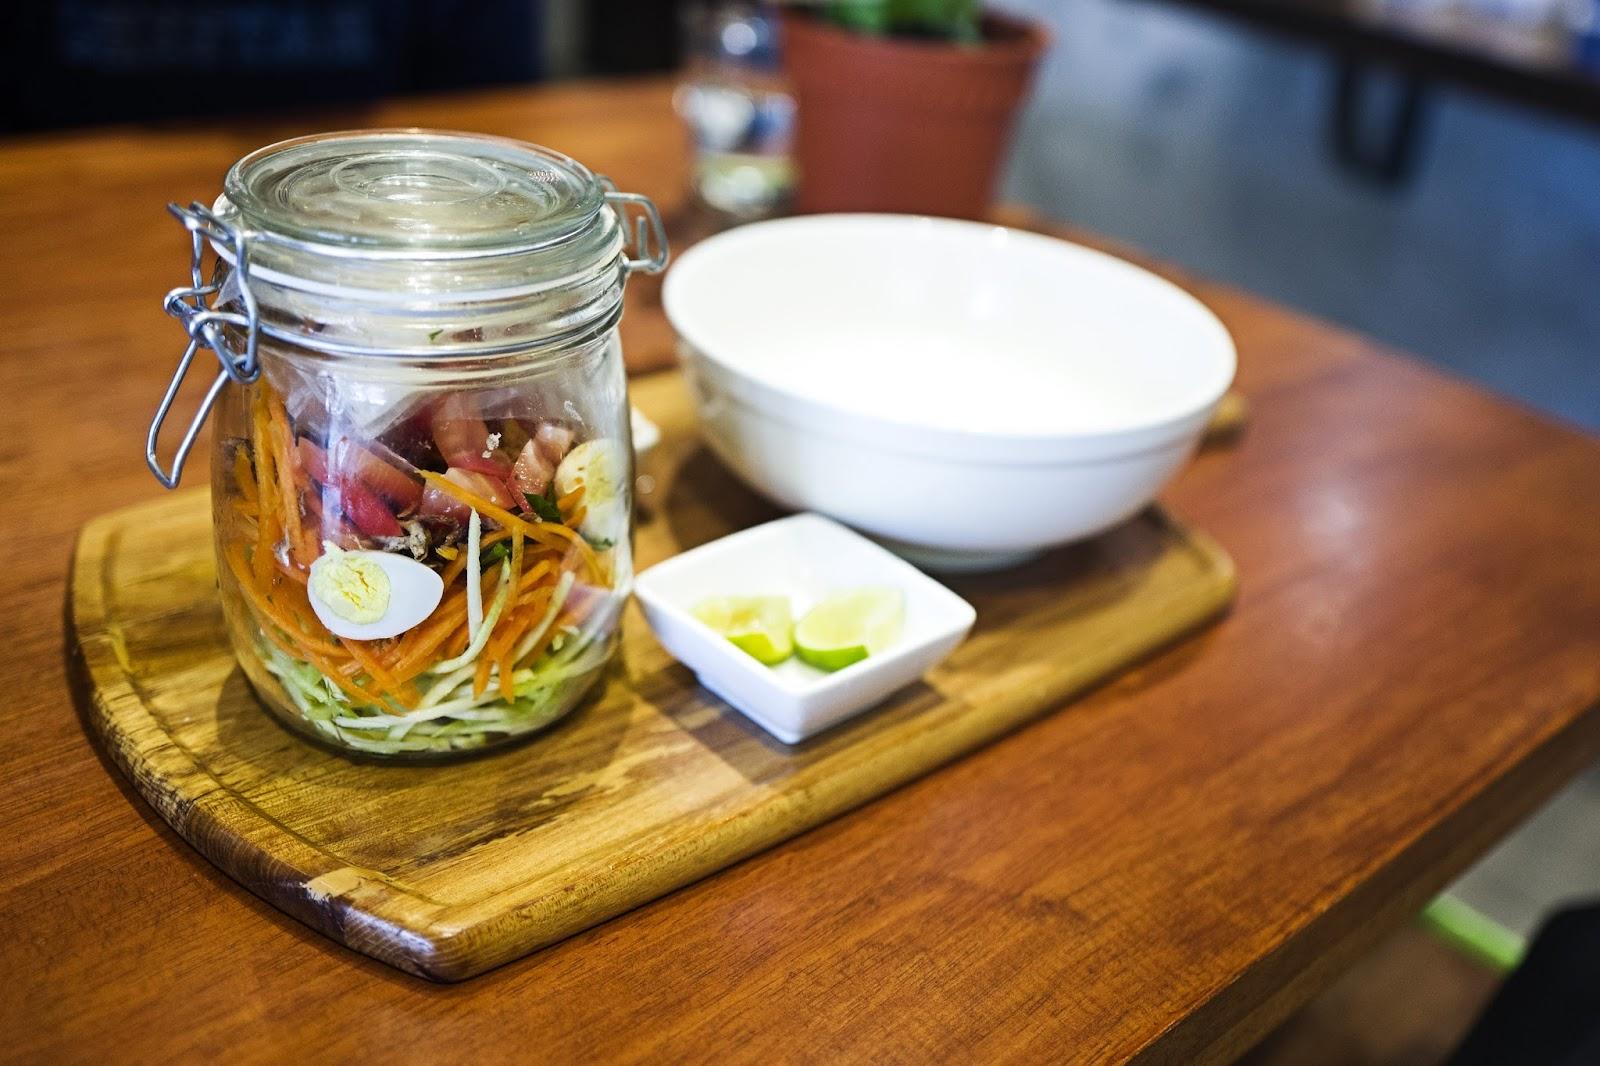 f-salad-L1060447.jpg